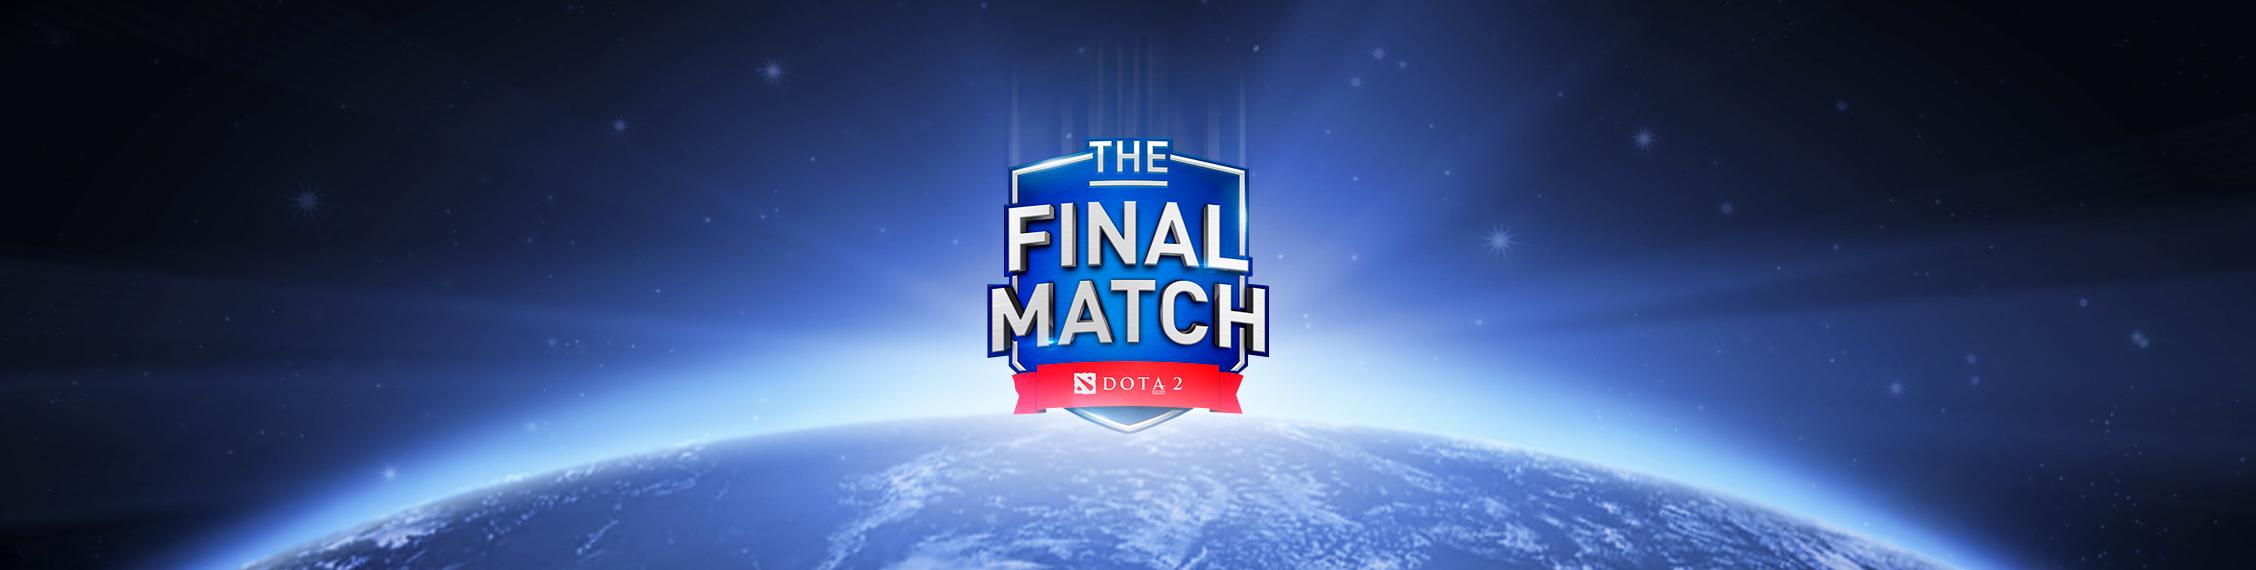 The Final Match